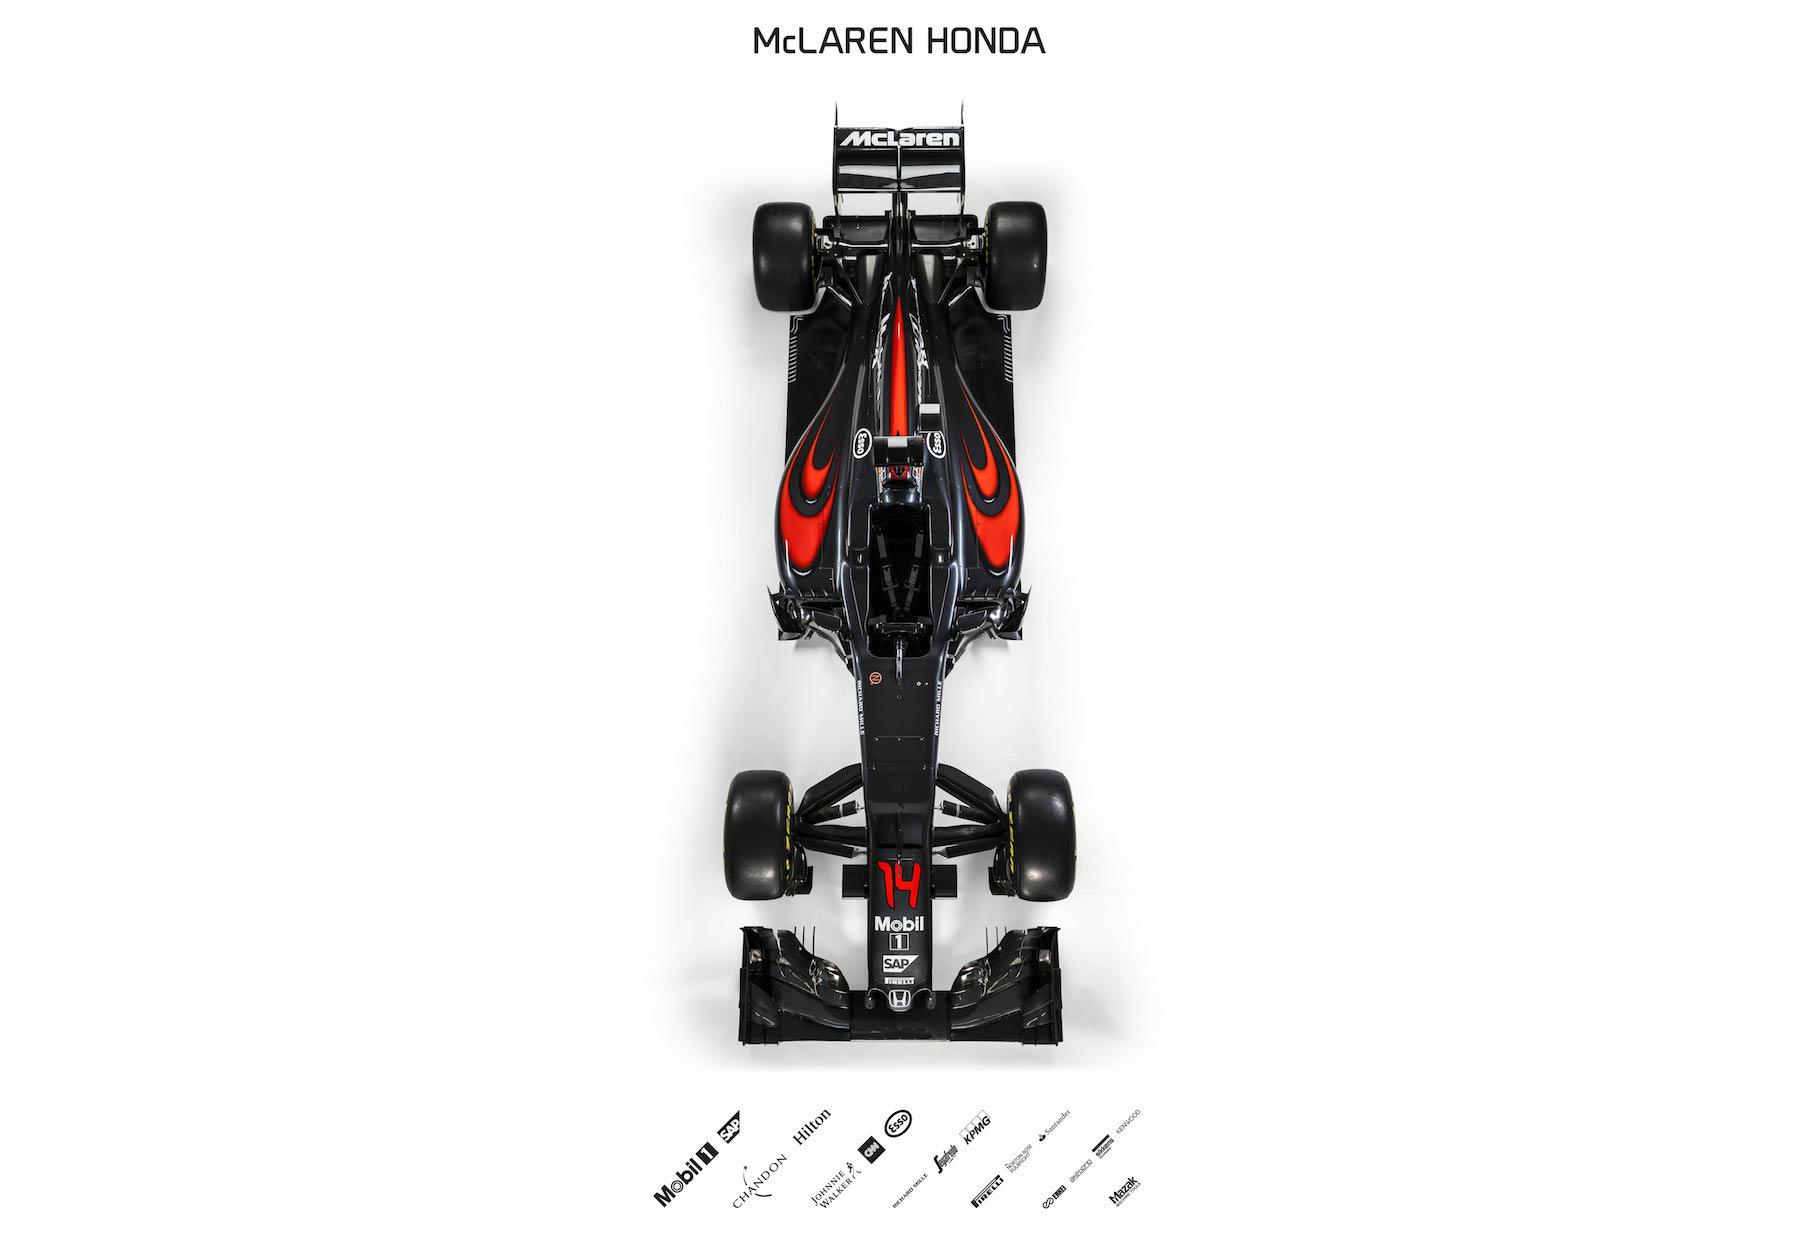 2016 McLaren MP4-31 top copy.jpg